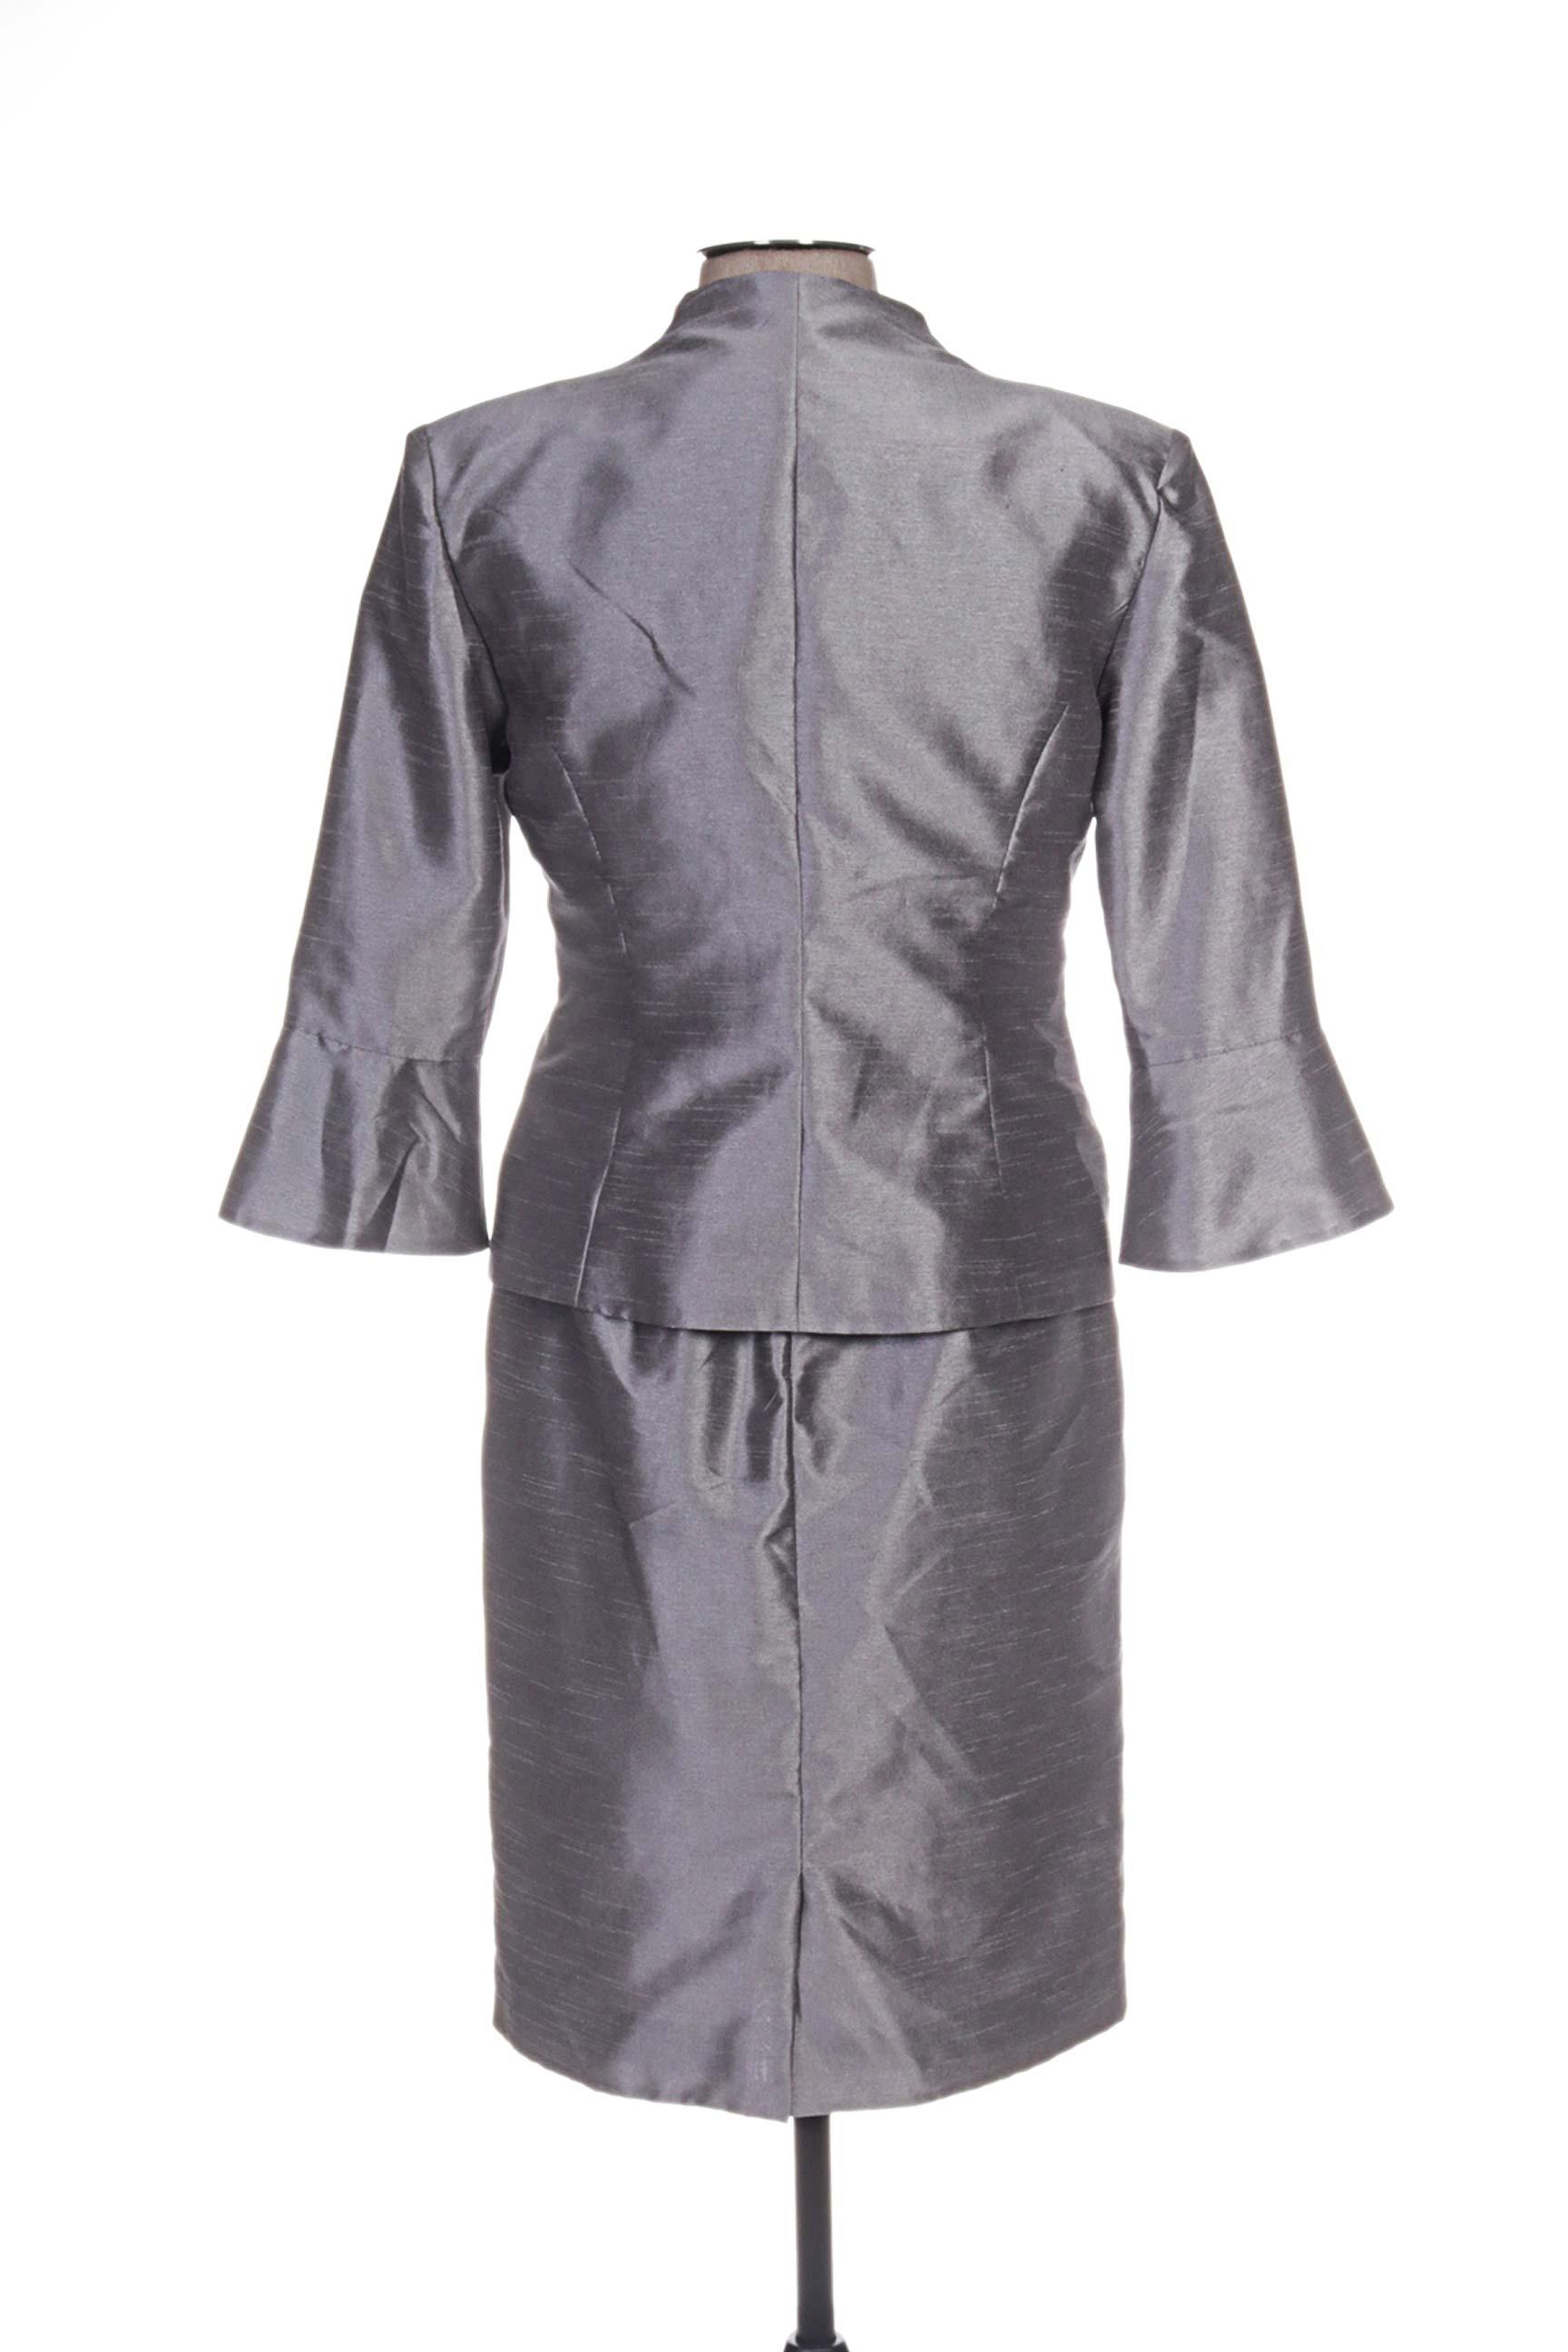 Fashion Robe Veste Femme De Couleur Gris En Soldes Pas Cher 1179824-gris00